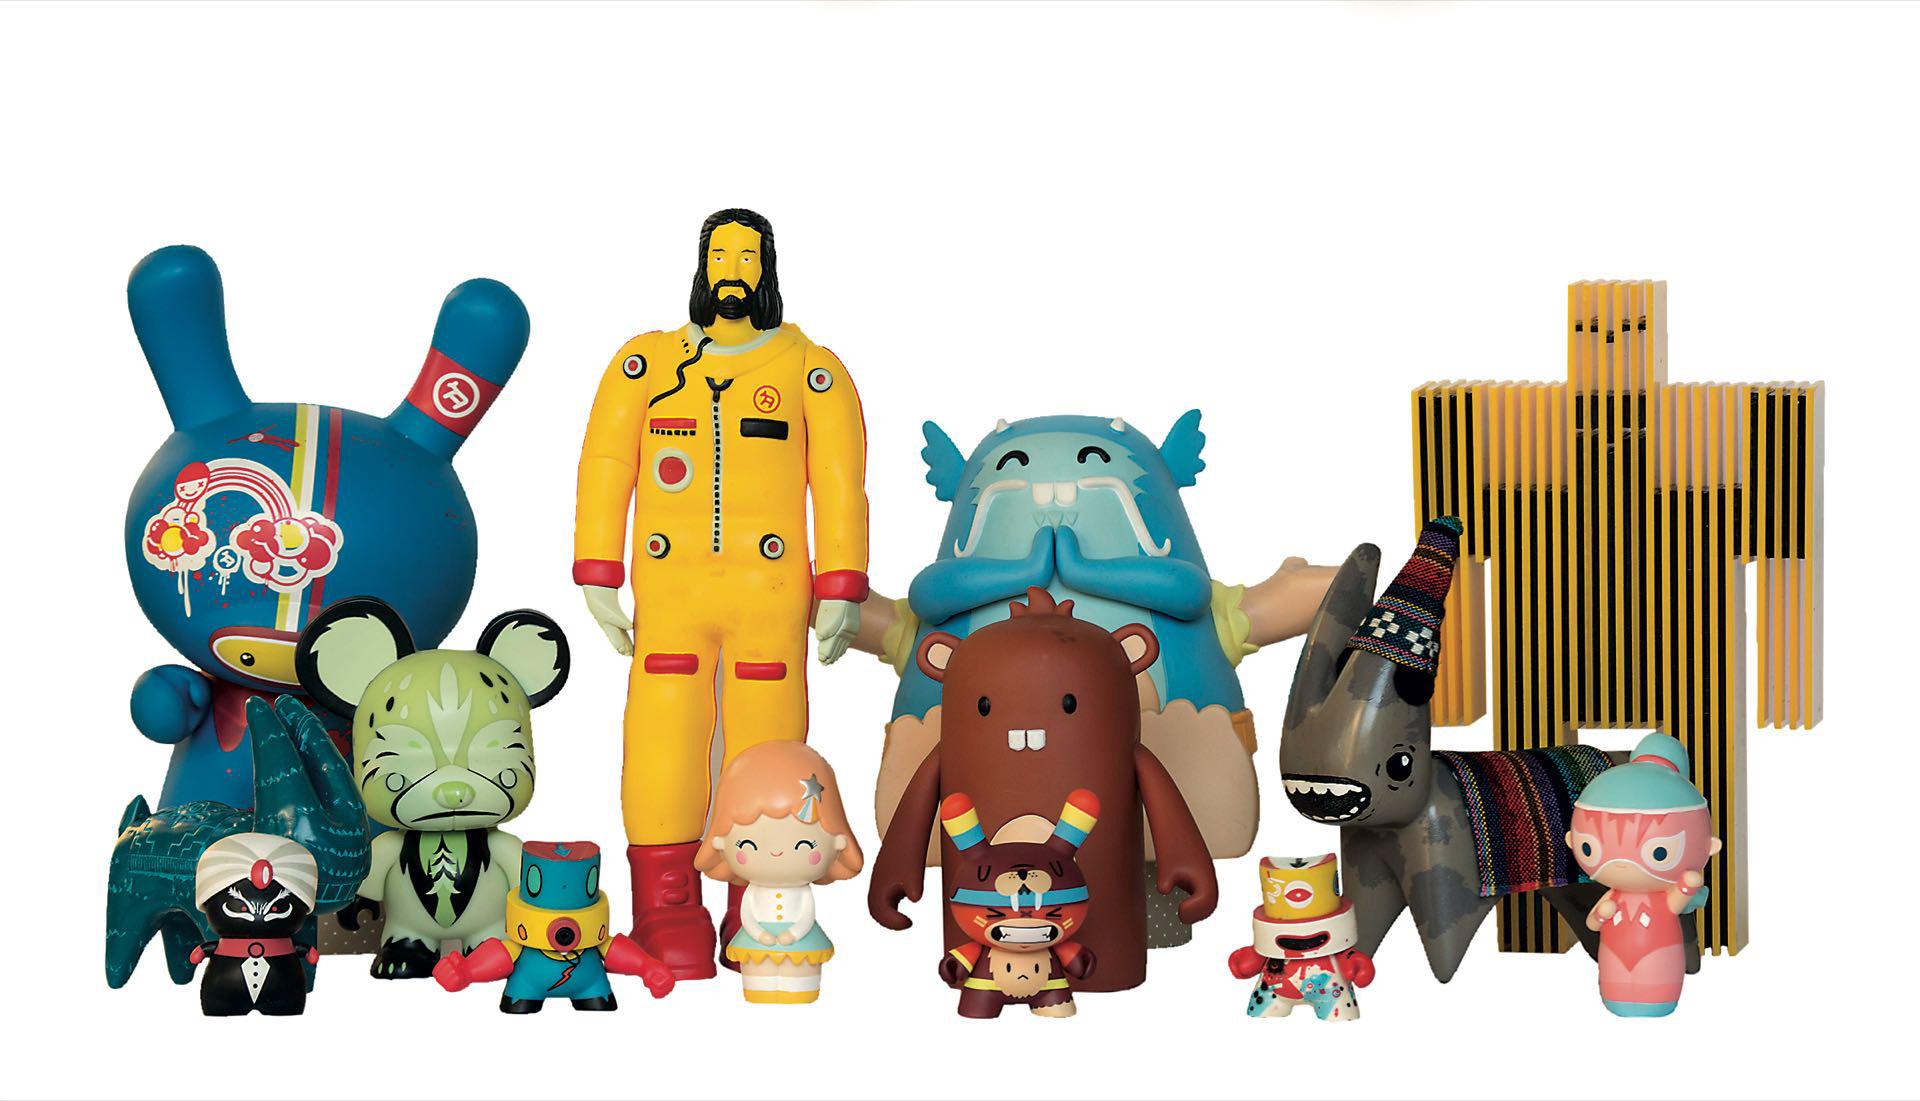 El juguete rabioso es una muestra divertida y original en la que los ositos depeluche son de cemento y los robots de madera. Nada es tierno, todo es un poco perverso.